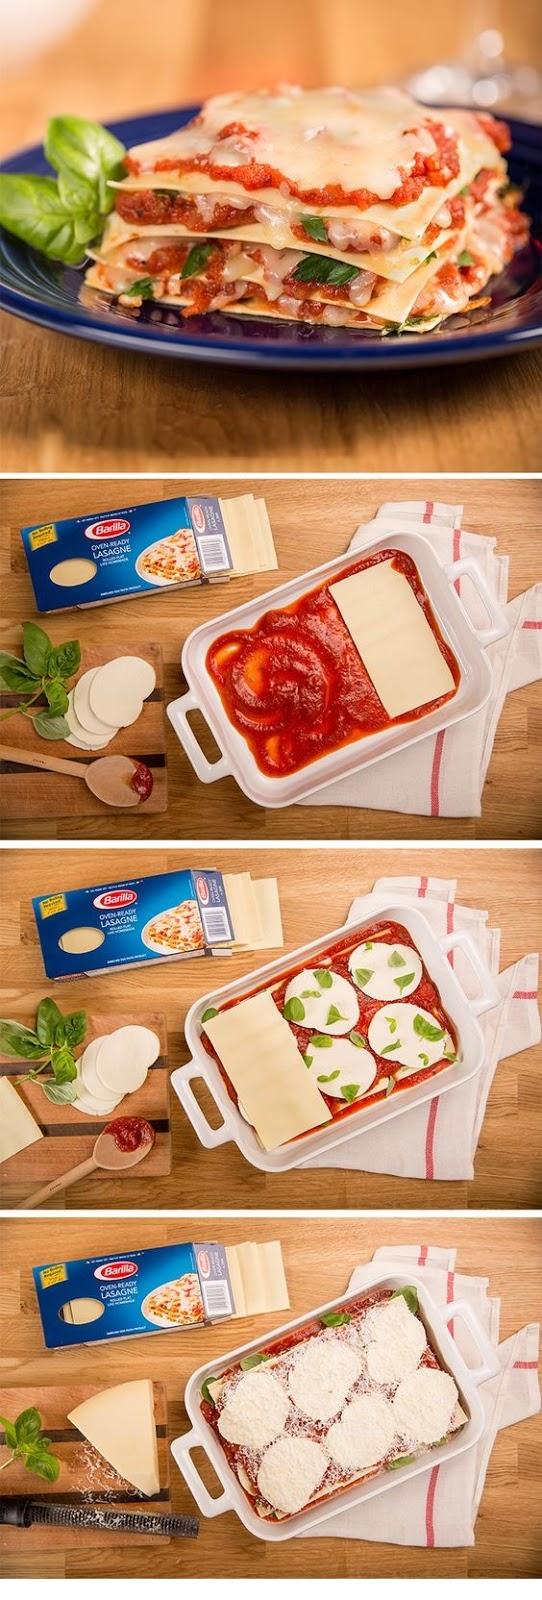 Classic No Boil Oven Ready Lasagna Recipe